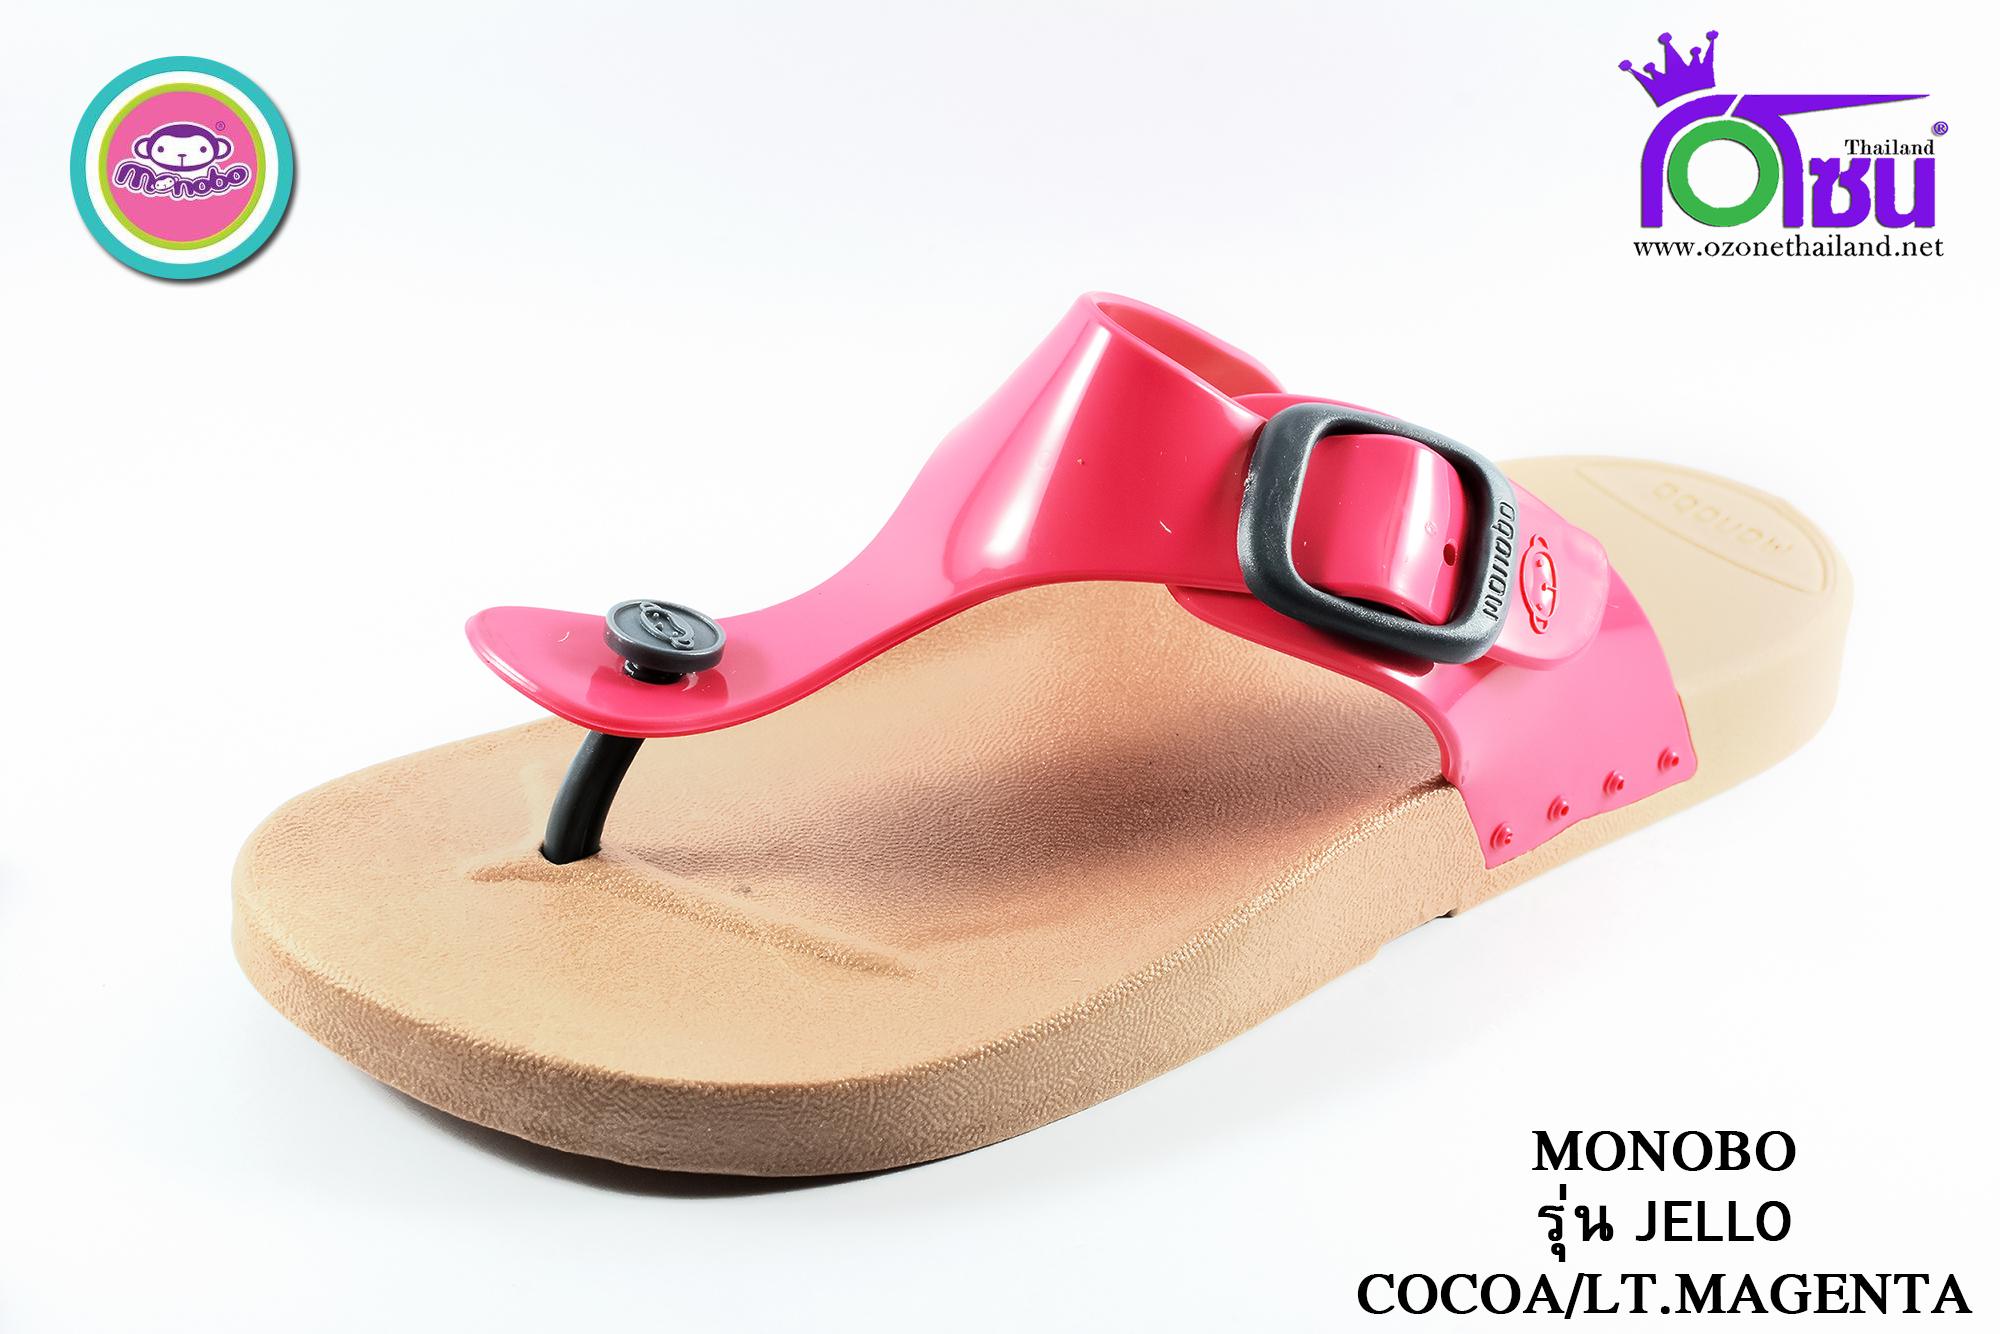 รองเท้าแตะ Monobo โมโนโบ้ รุ่น Jello เจลโล่ สีบานเย็น เบอร์ 5-8